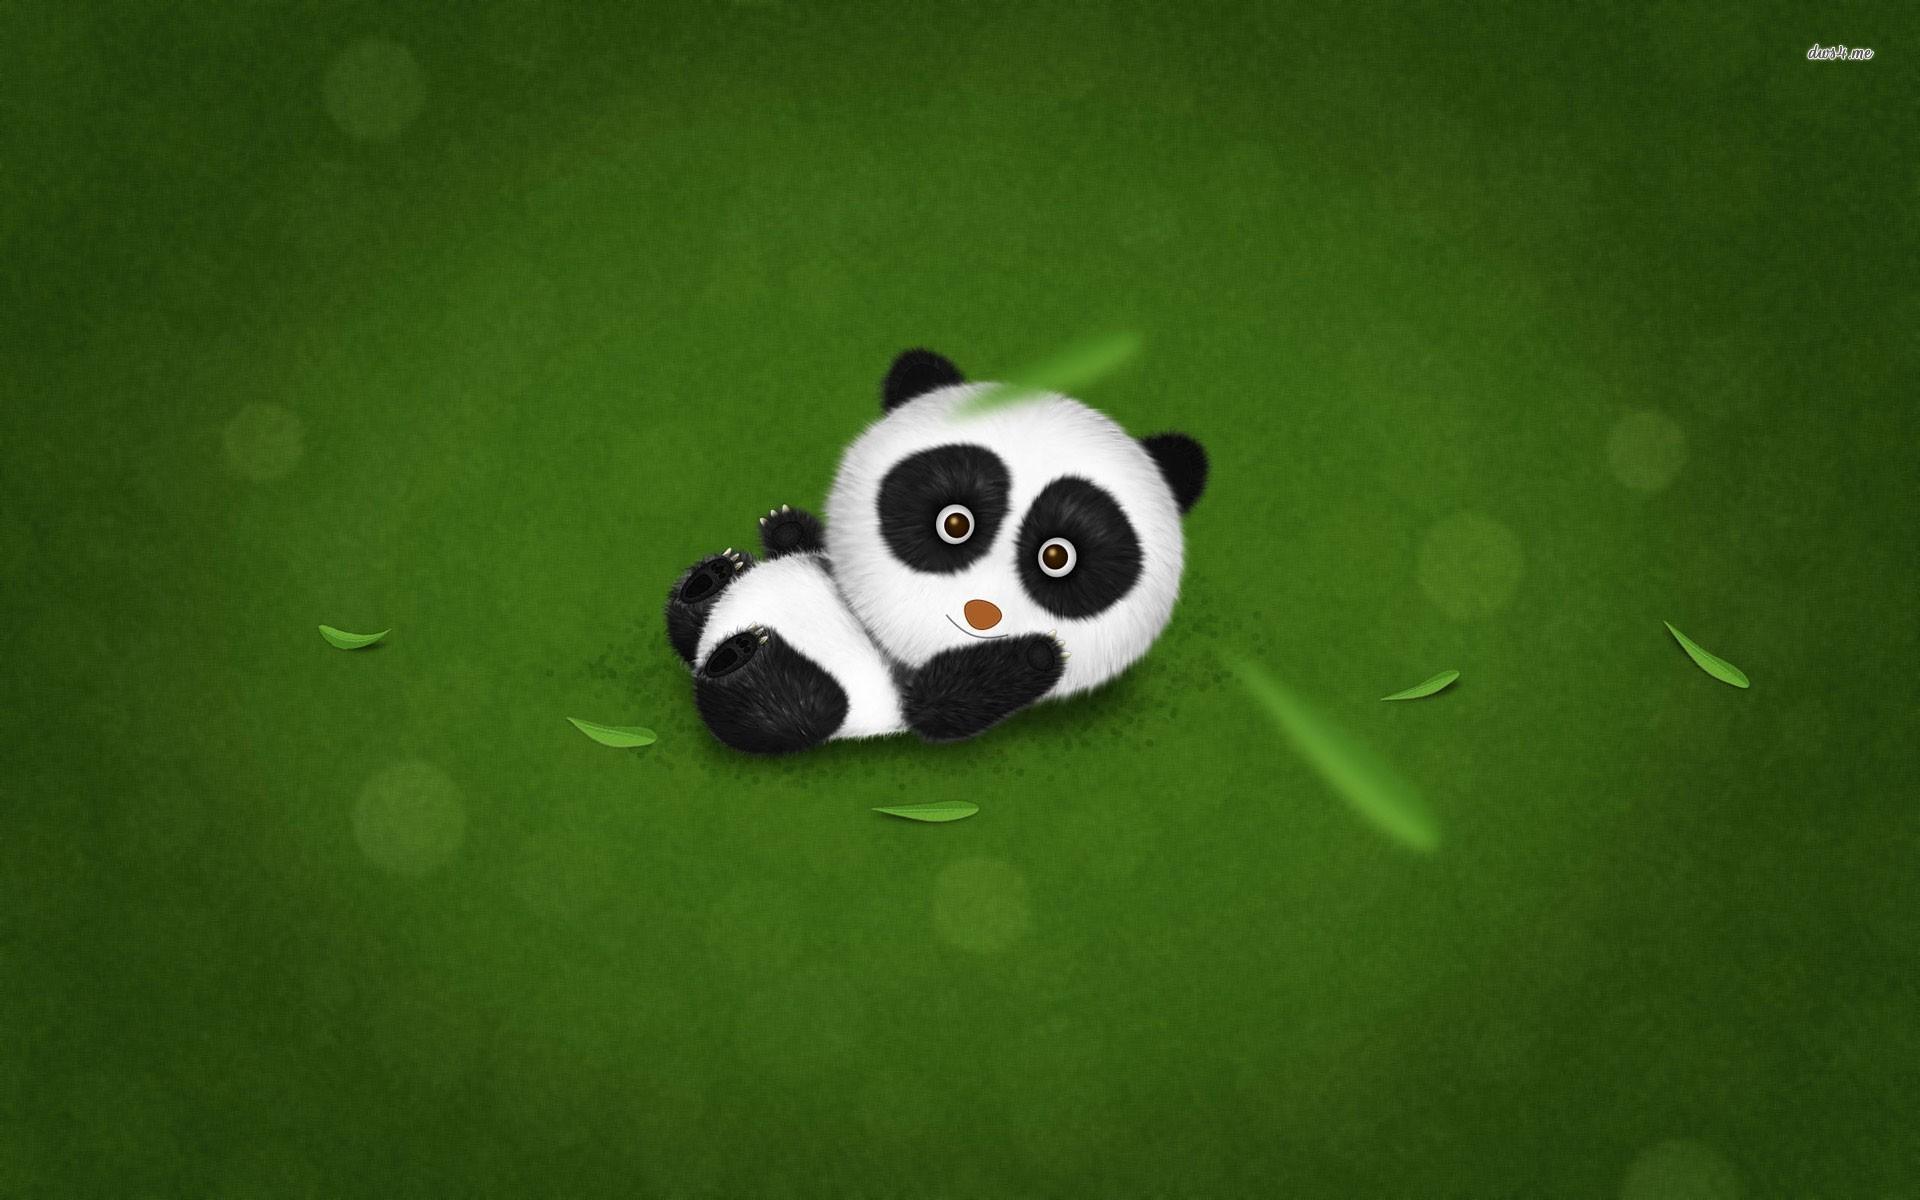 47 Cute Panda Desktop Wallpaper On Wallpapersafari